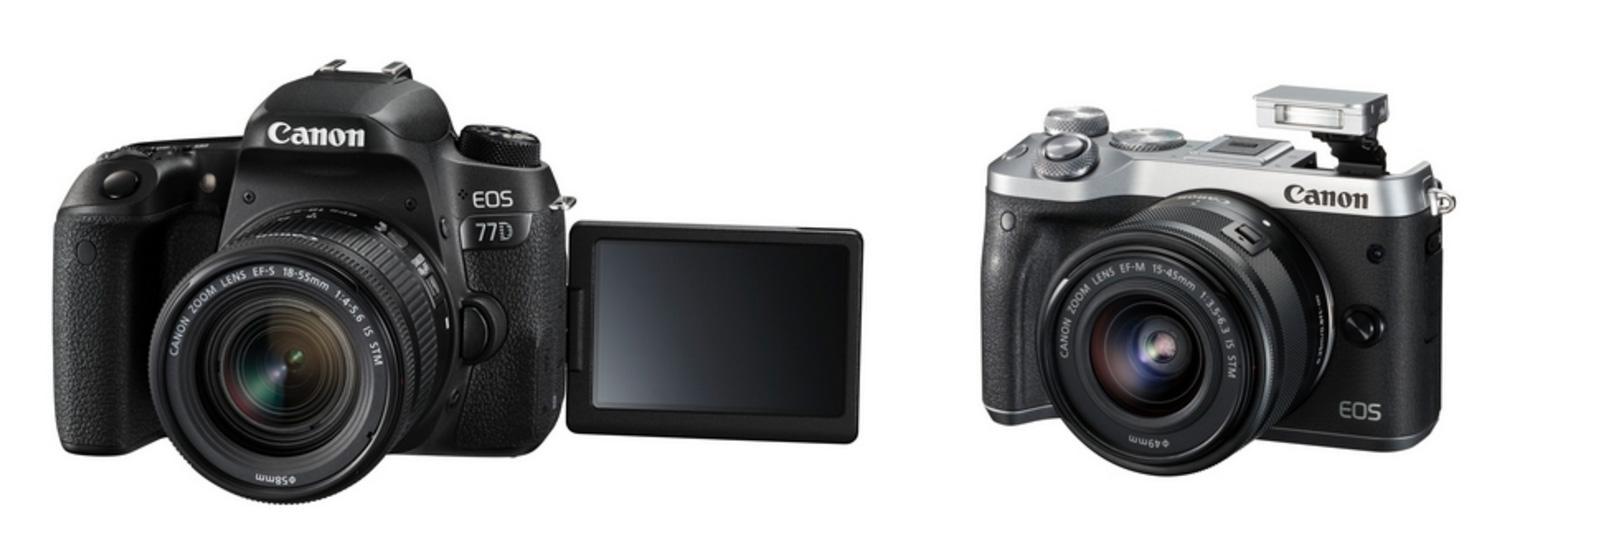 Neue Canon EOS 77D, 800D und M6 - Alle mit DualPixel, keiner mit 4K